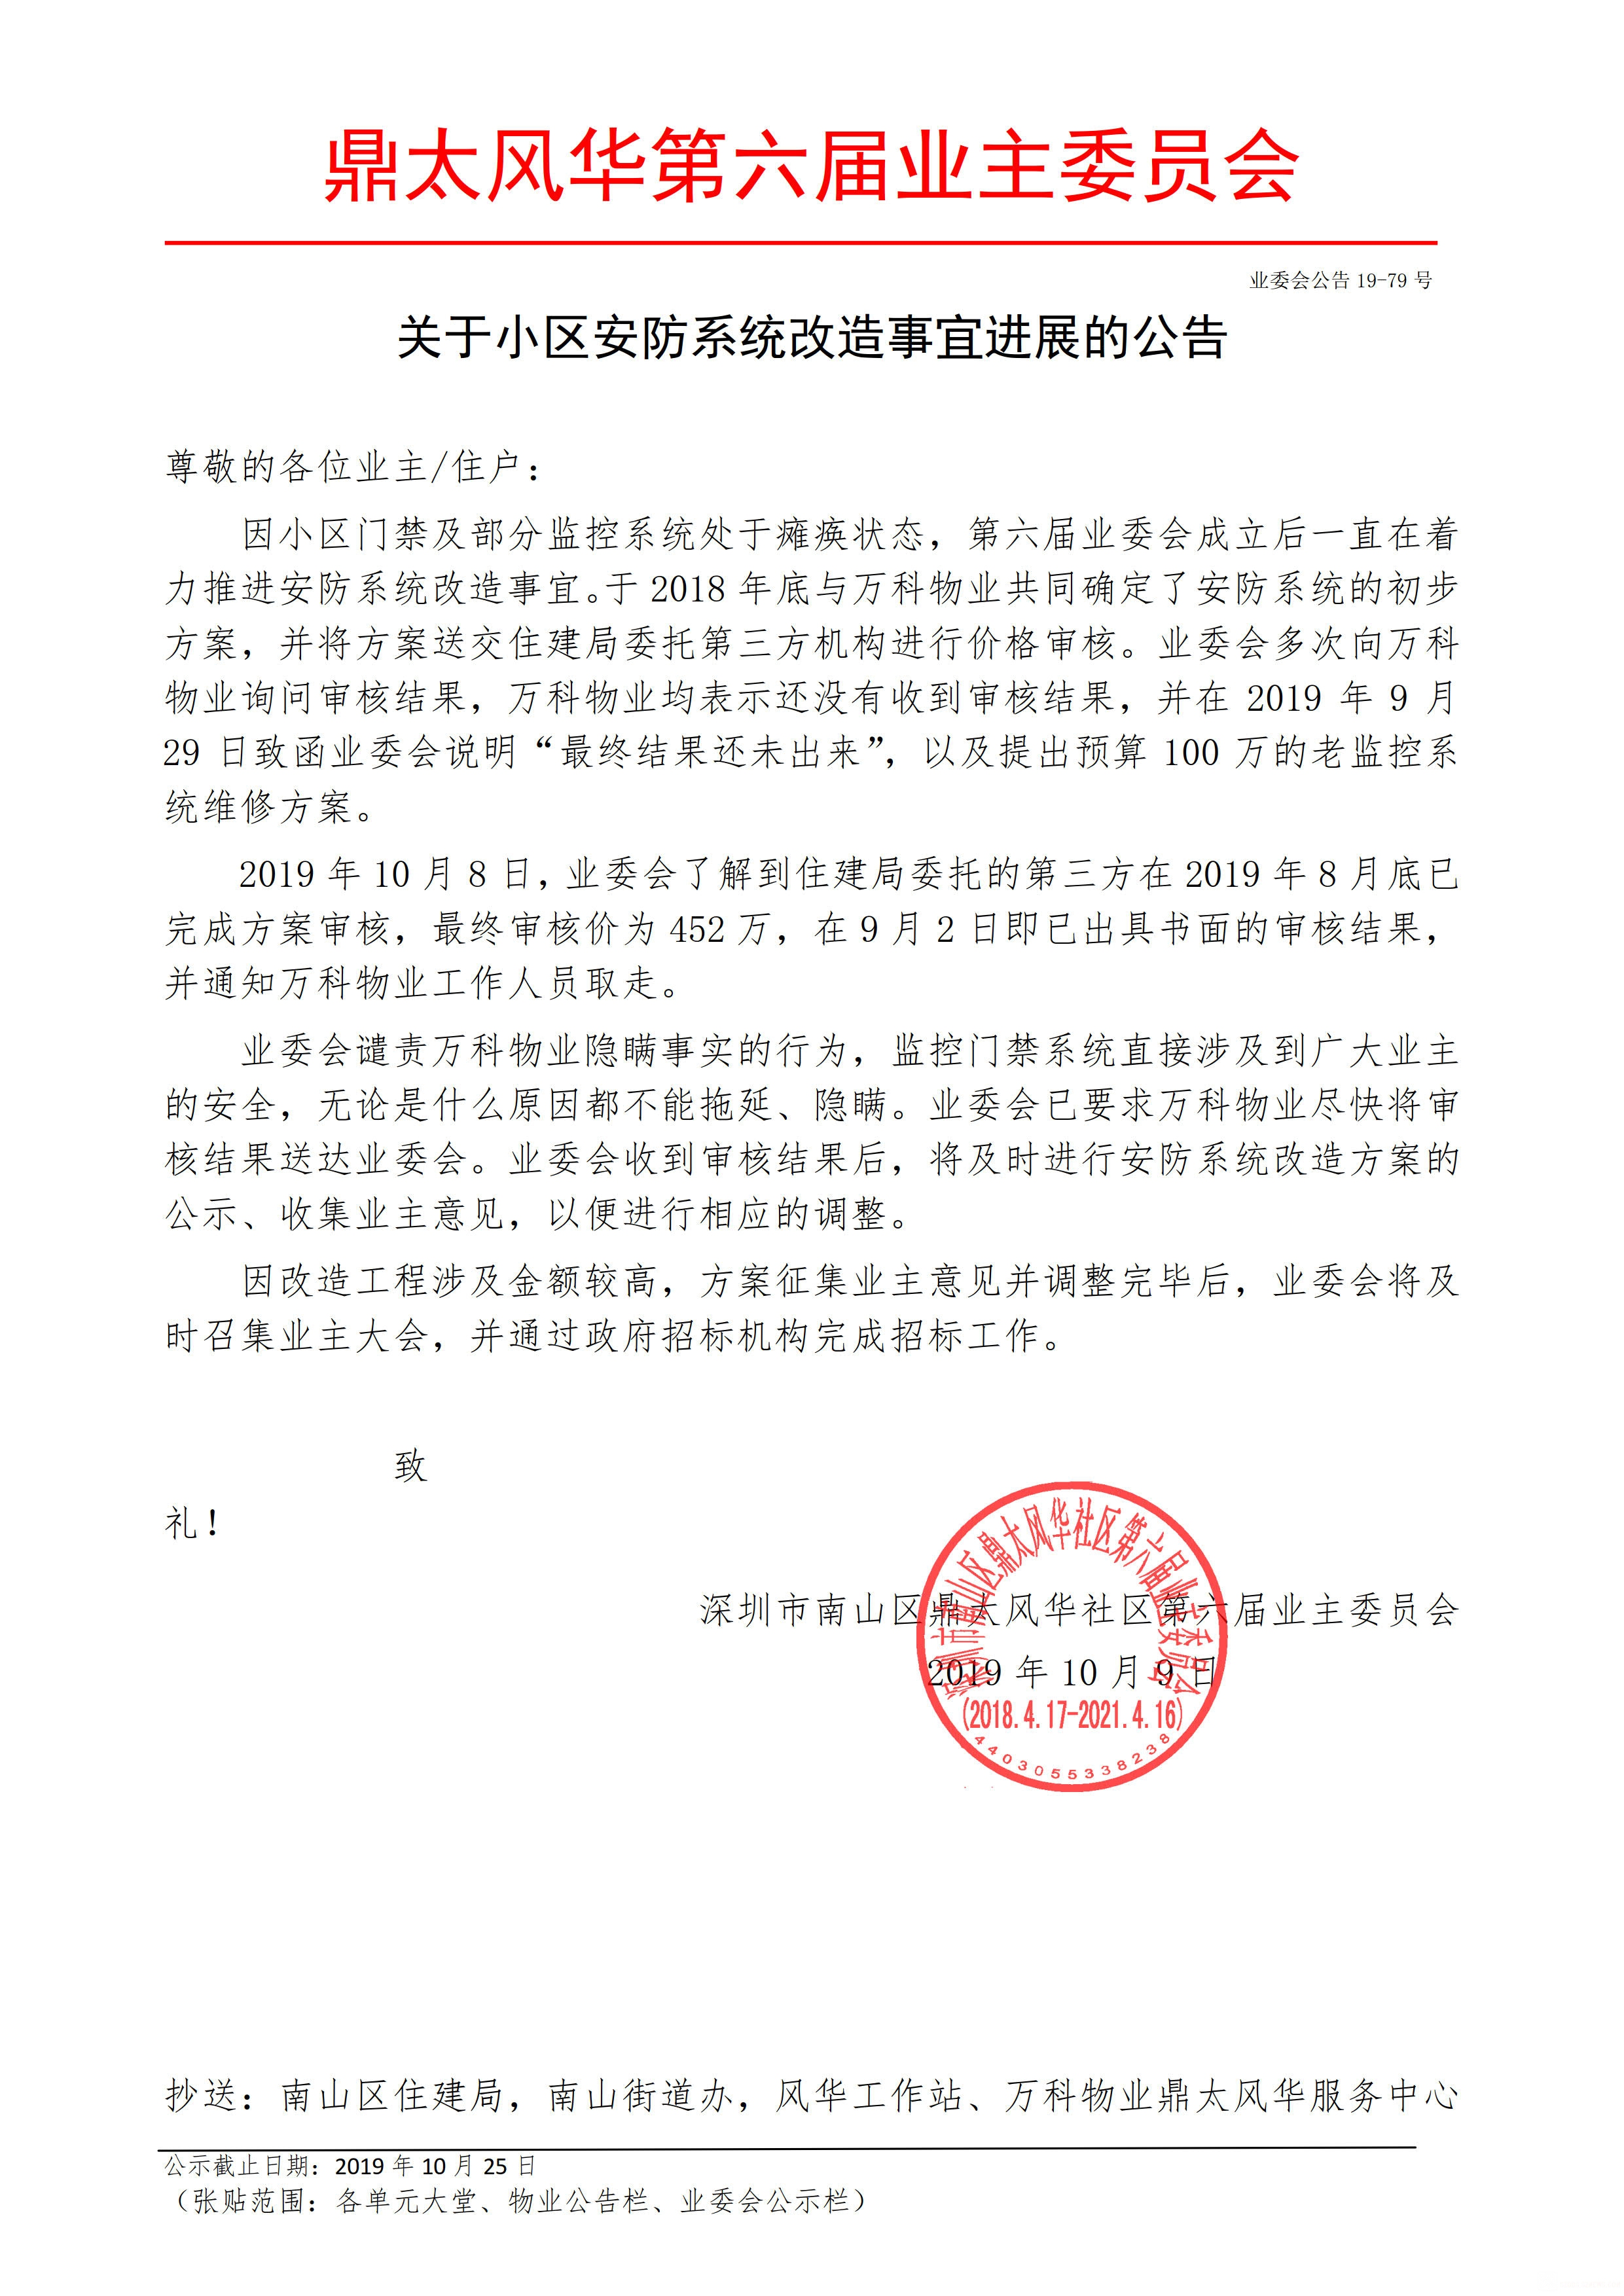 小区安防系统改造进展公告.jpg